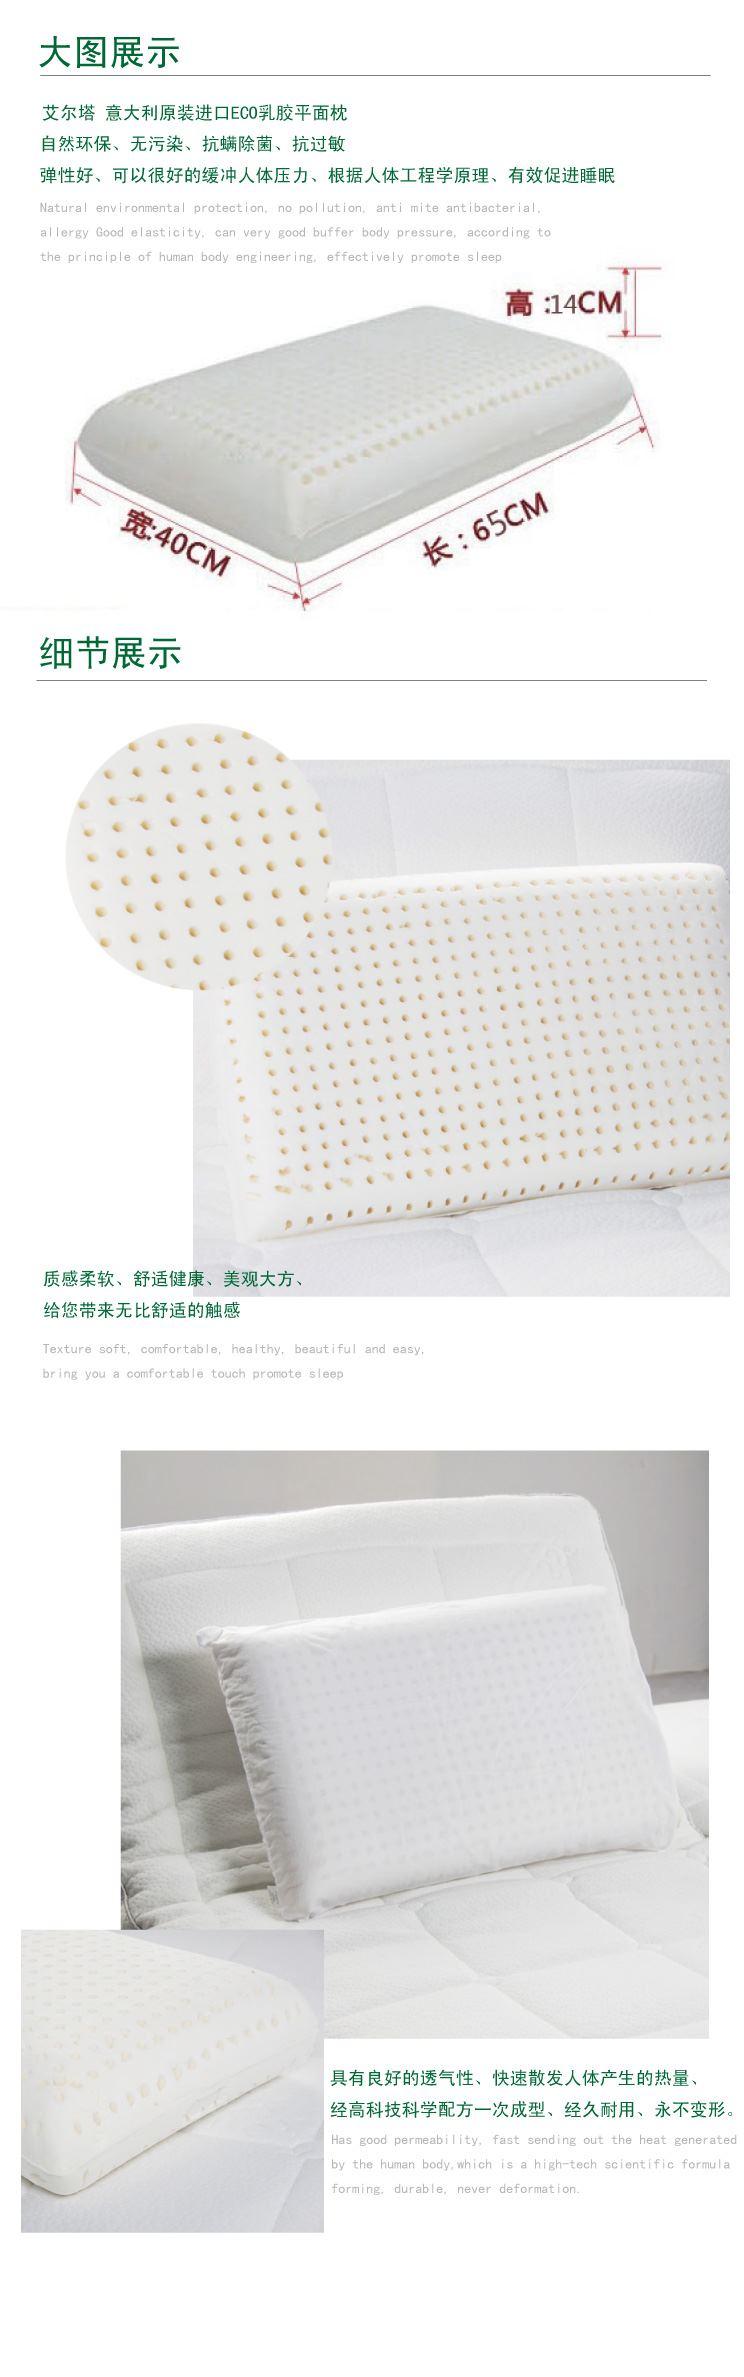 16孔玲珑枕做发步骤图